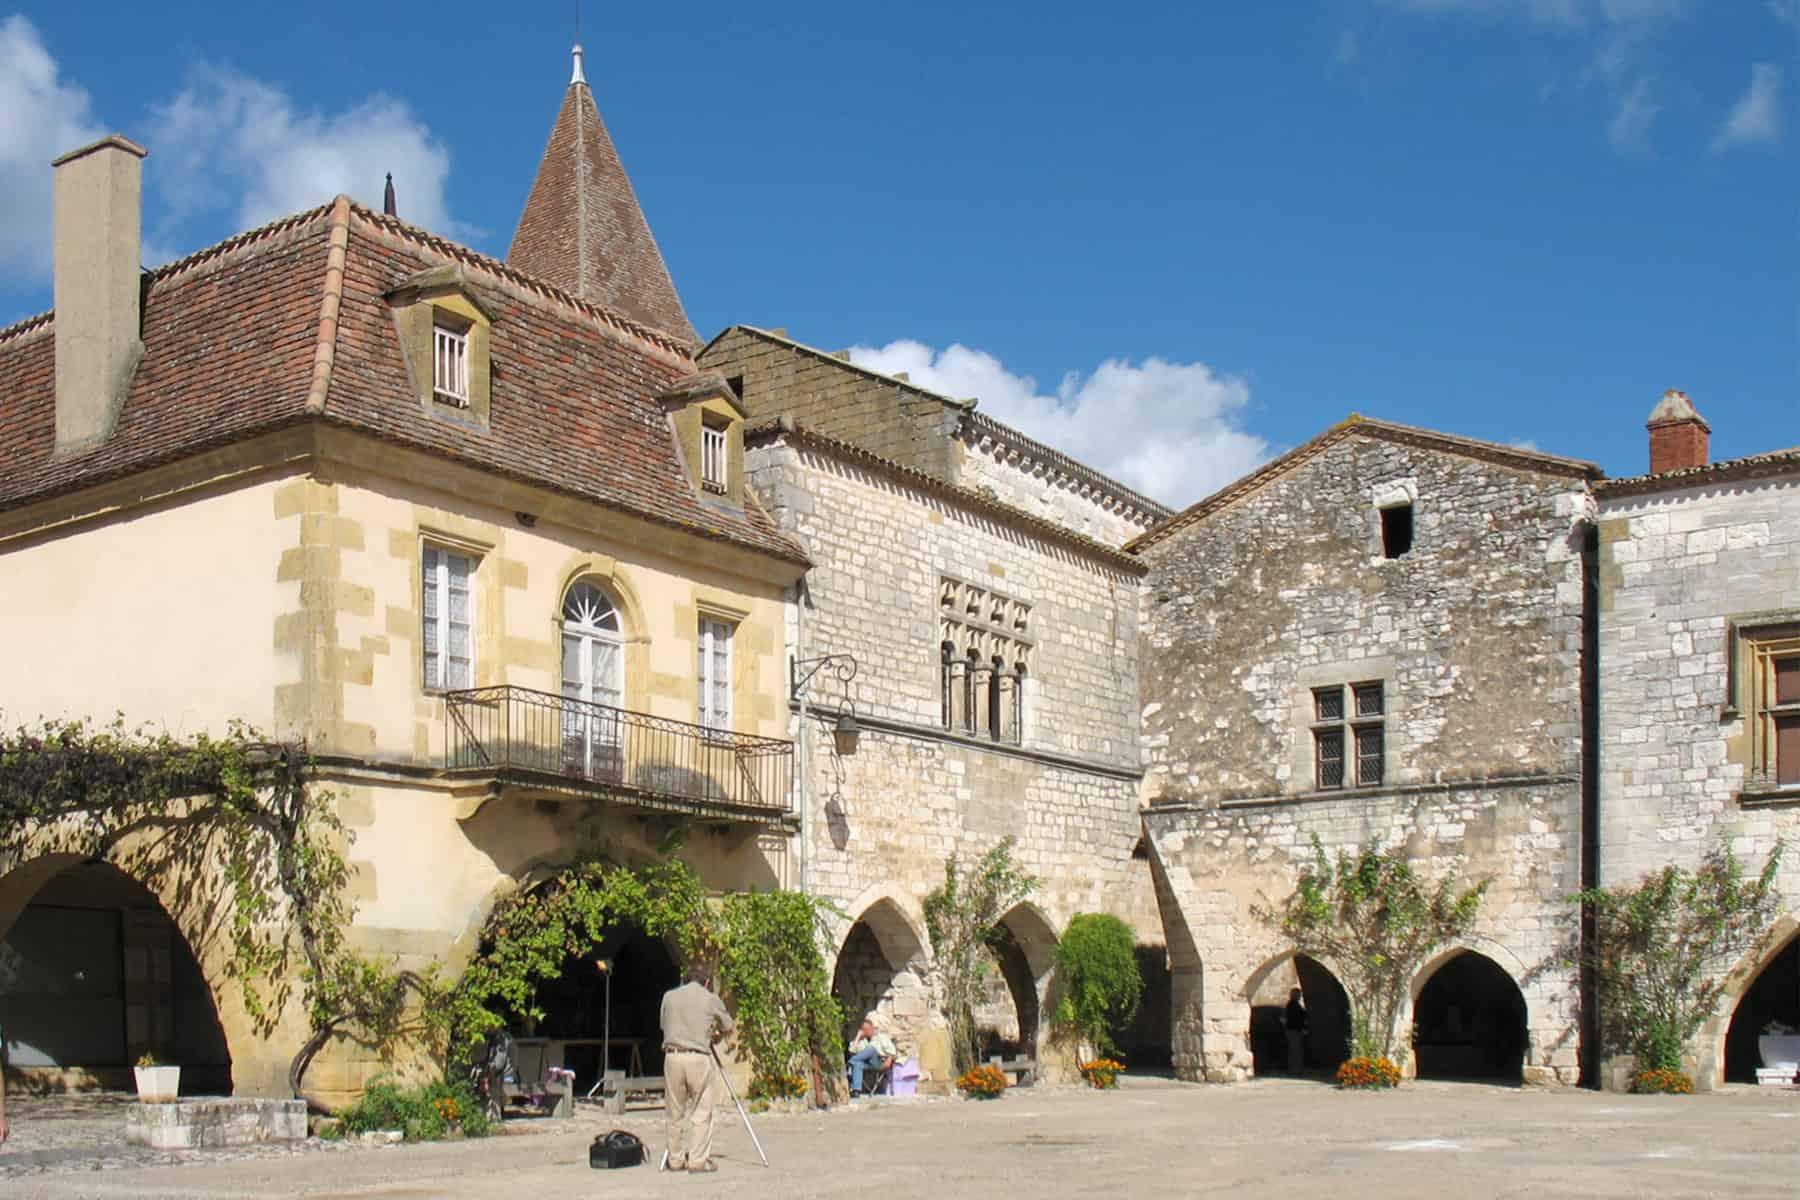 Charmante gebouwen in Montpazier.